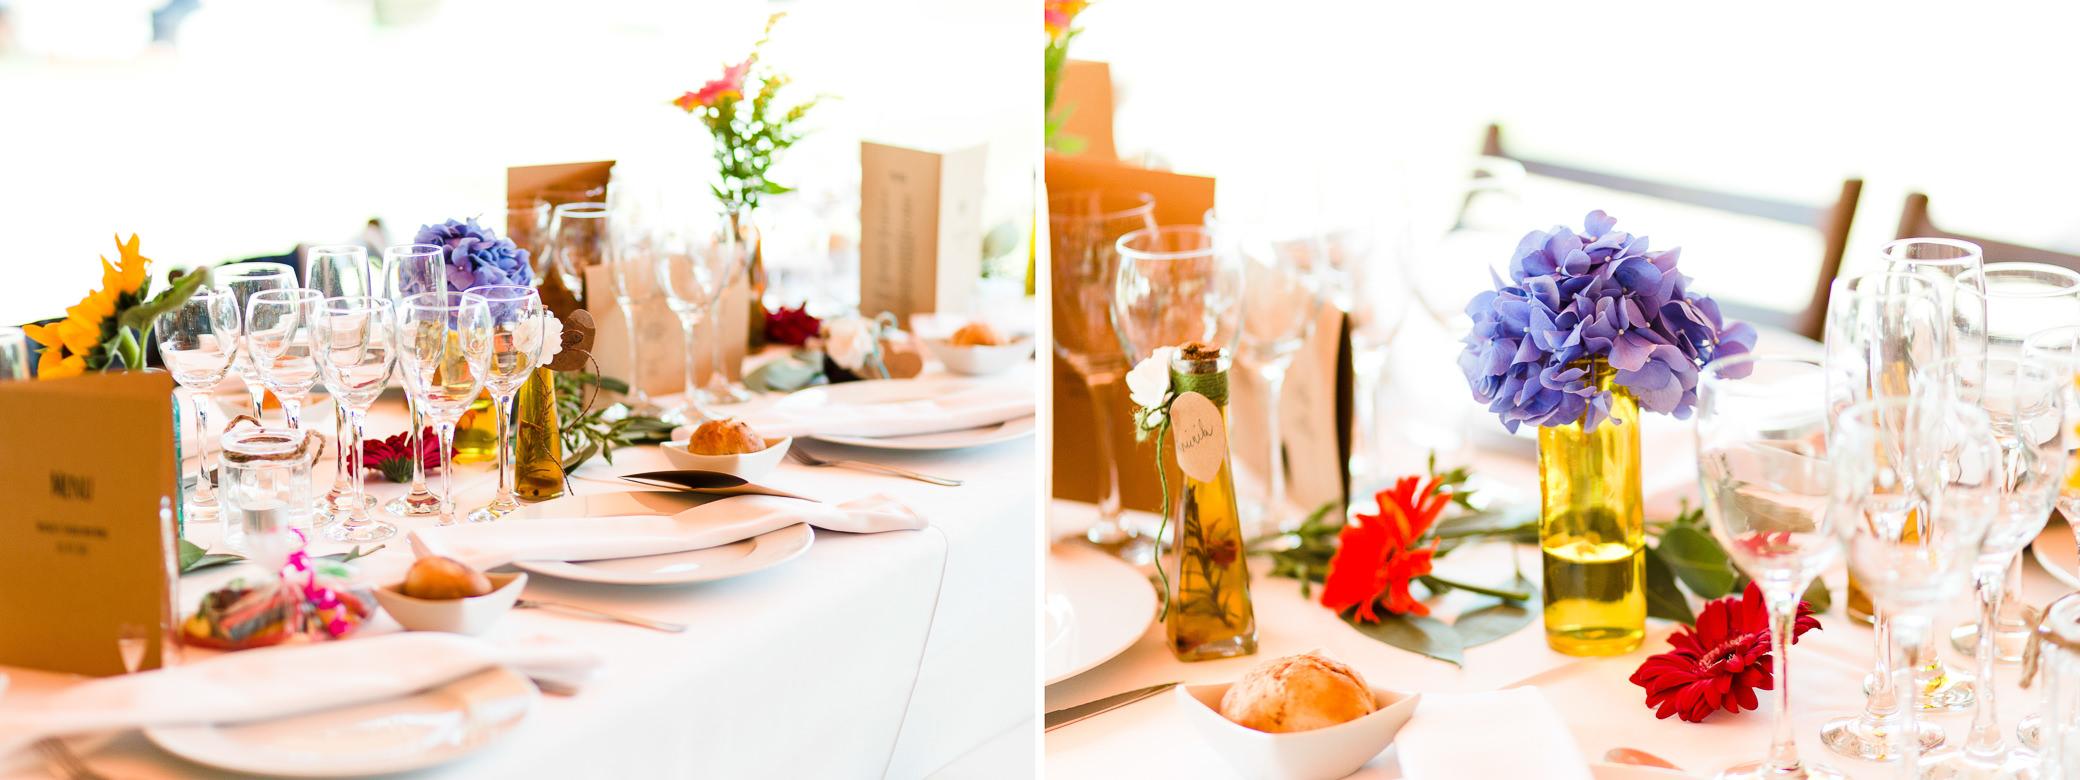 boda-olot-mas-can-batlle-destination-wedding-photografeel-50.jpg